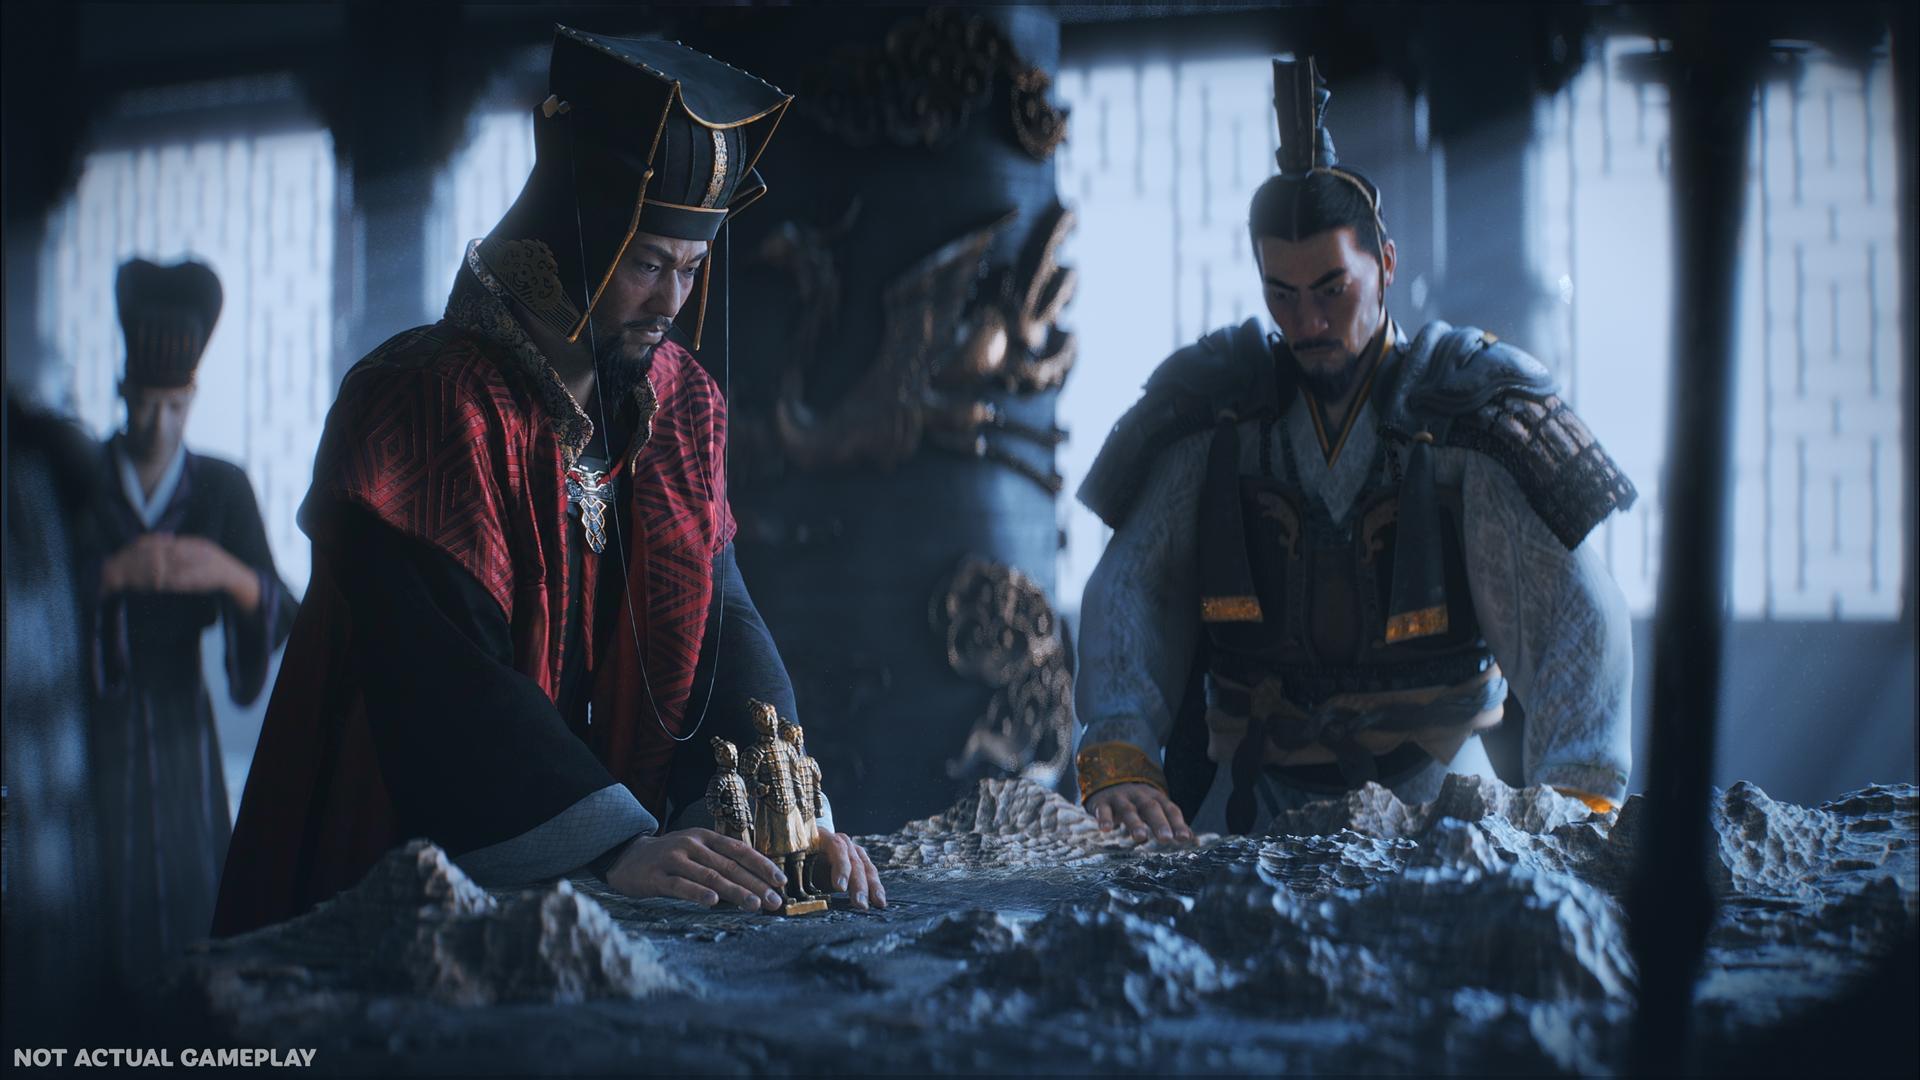 Видео: знакомство с бандиткой Чжэн Цзян в новом трейлере Total War: Three Kingdoms